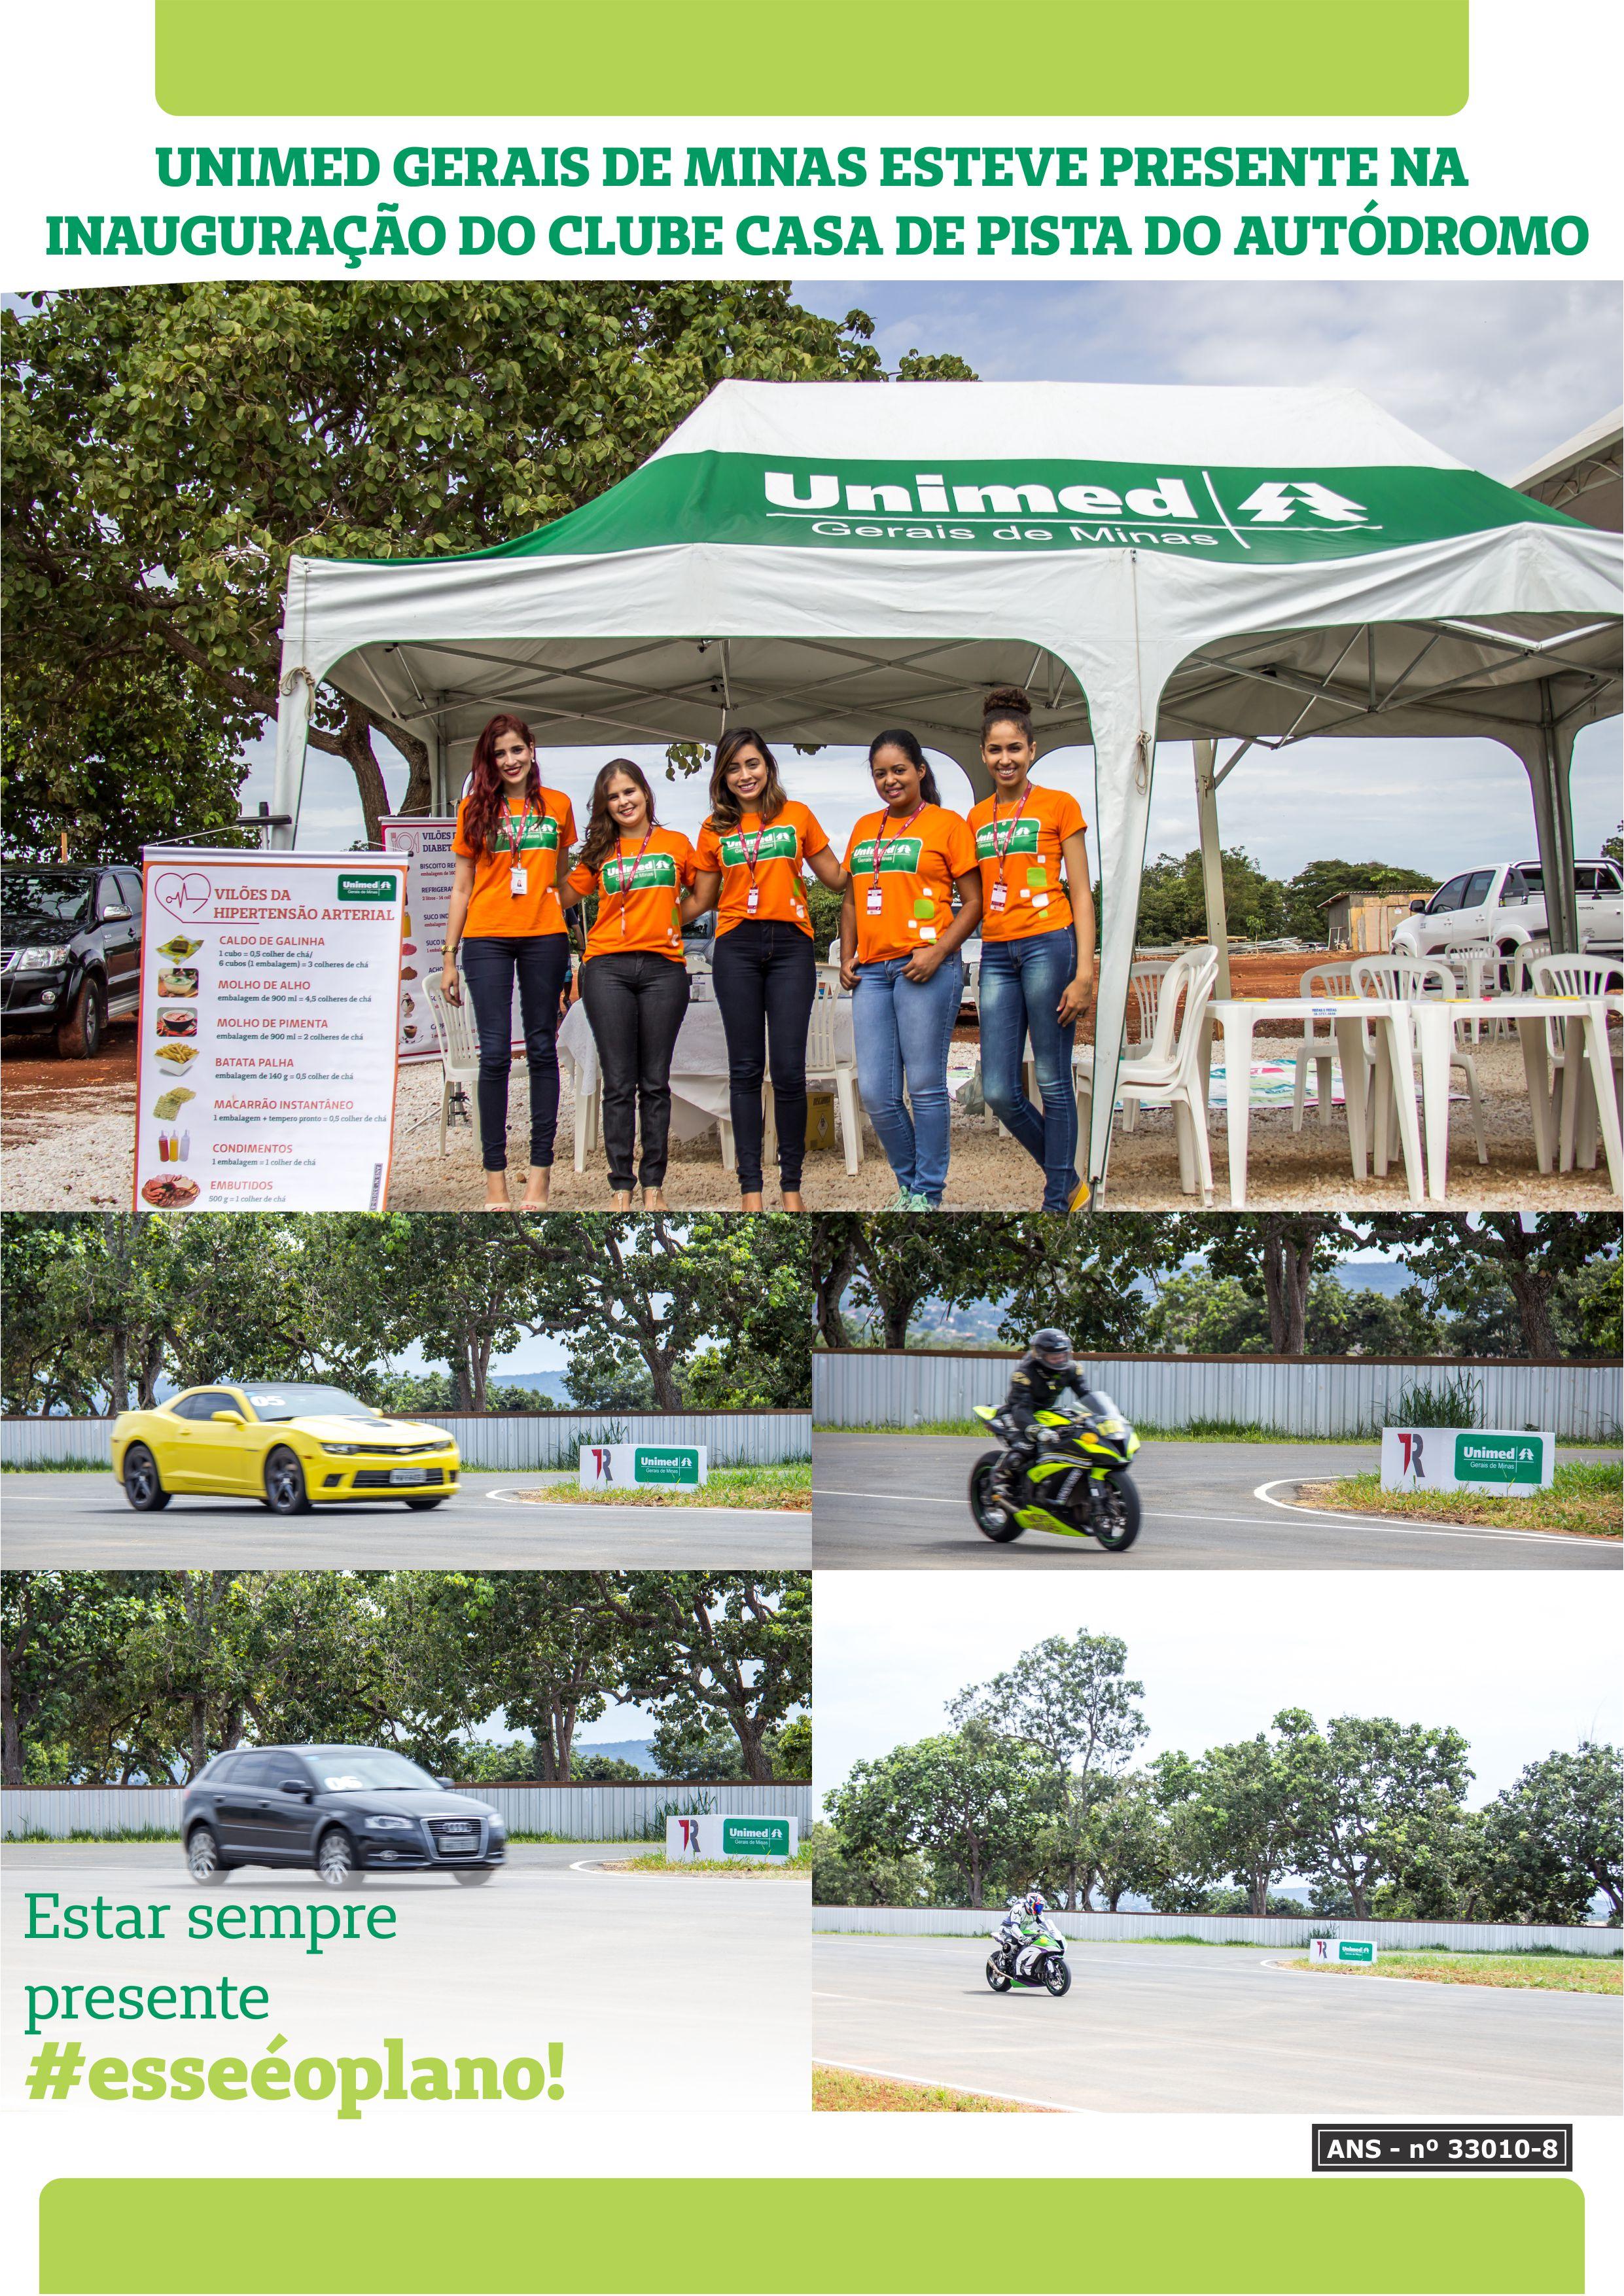 Circuito De Cristais : Unimed marca presença na inauguração do clube casa de pista do